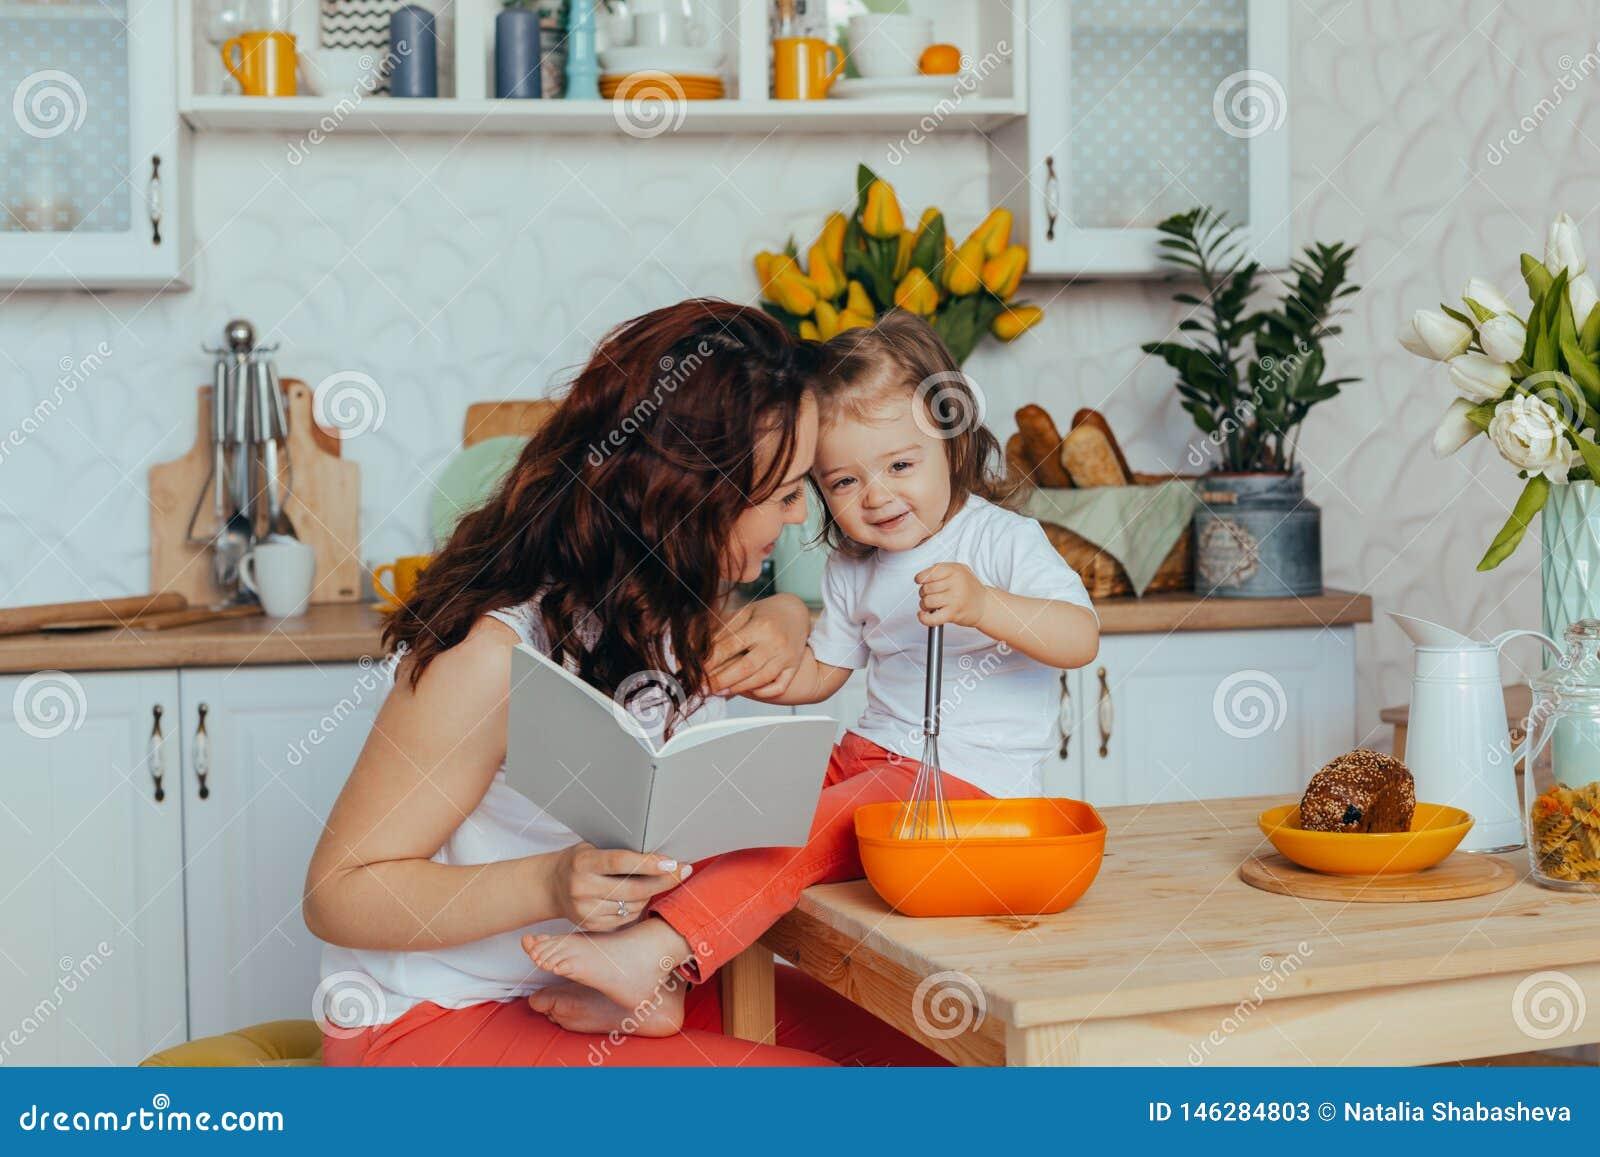 Atrakcyjna m?oda kobieta i jej ma?a ?liczna c?rka gotujemy na kuchni